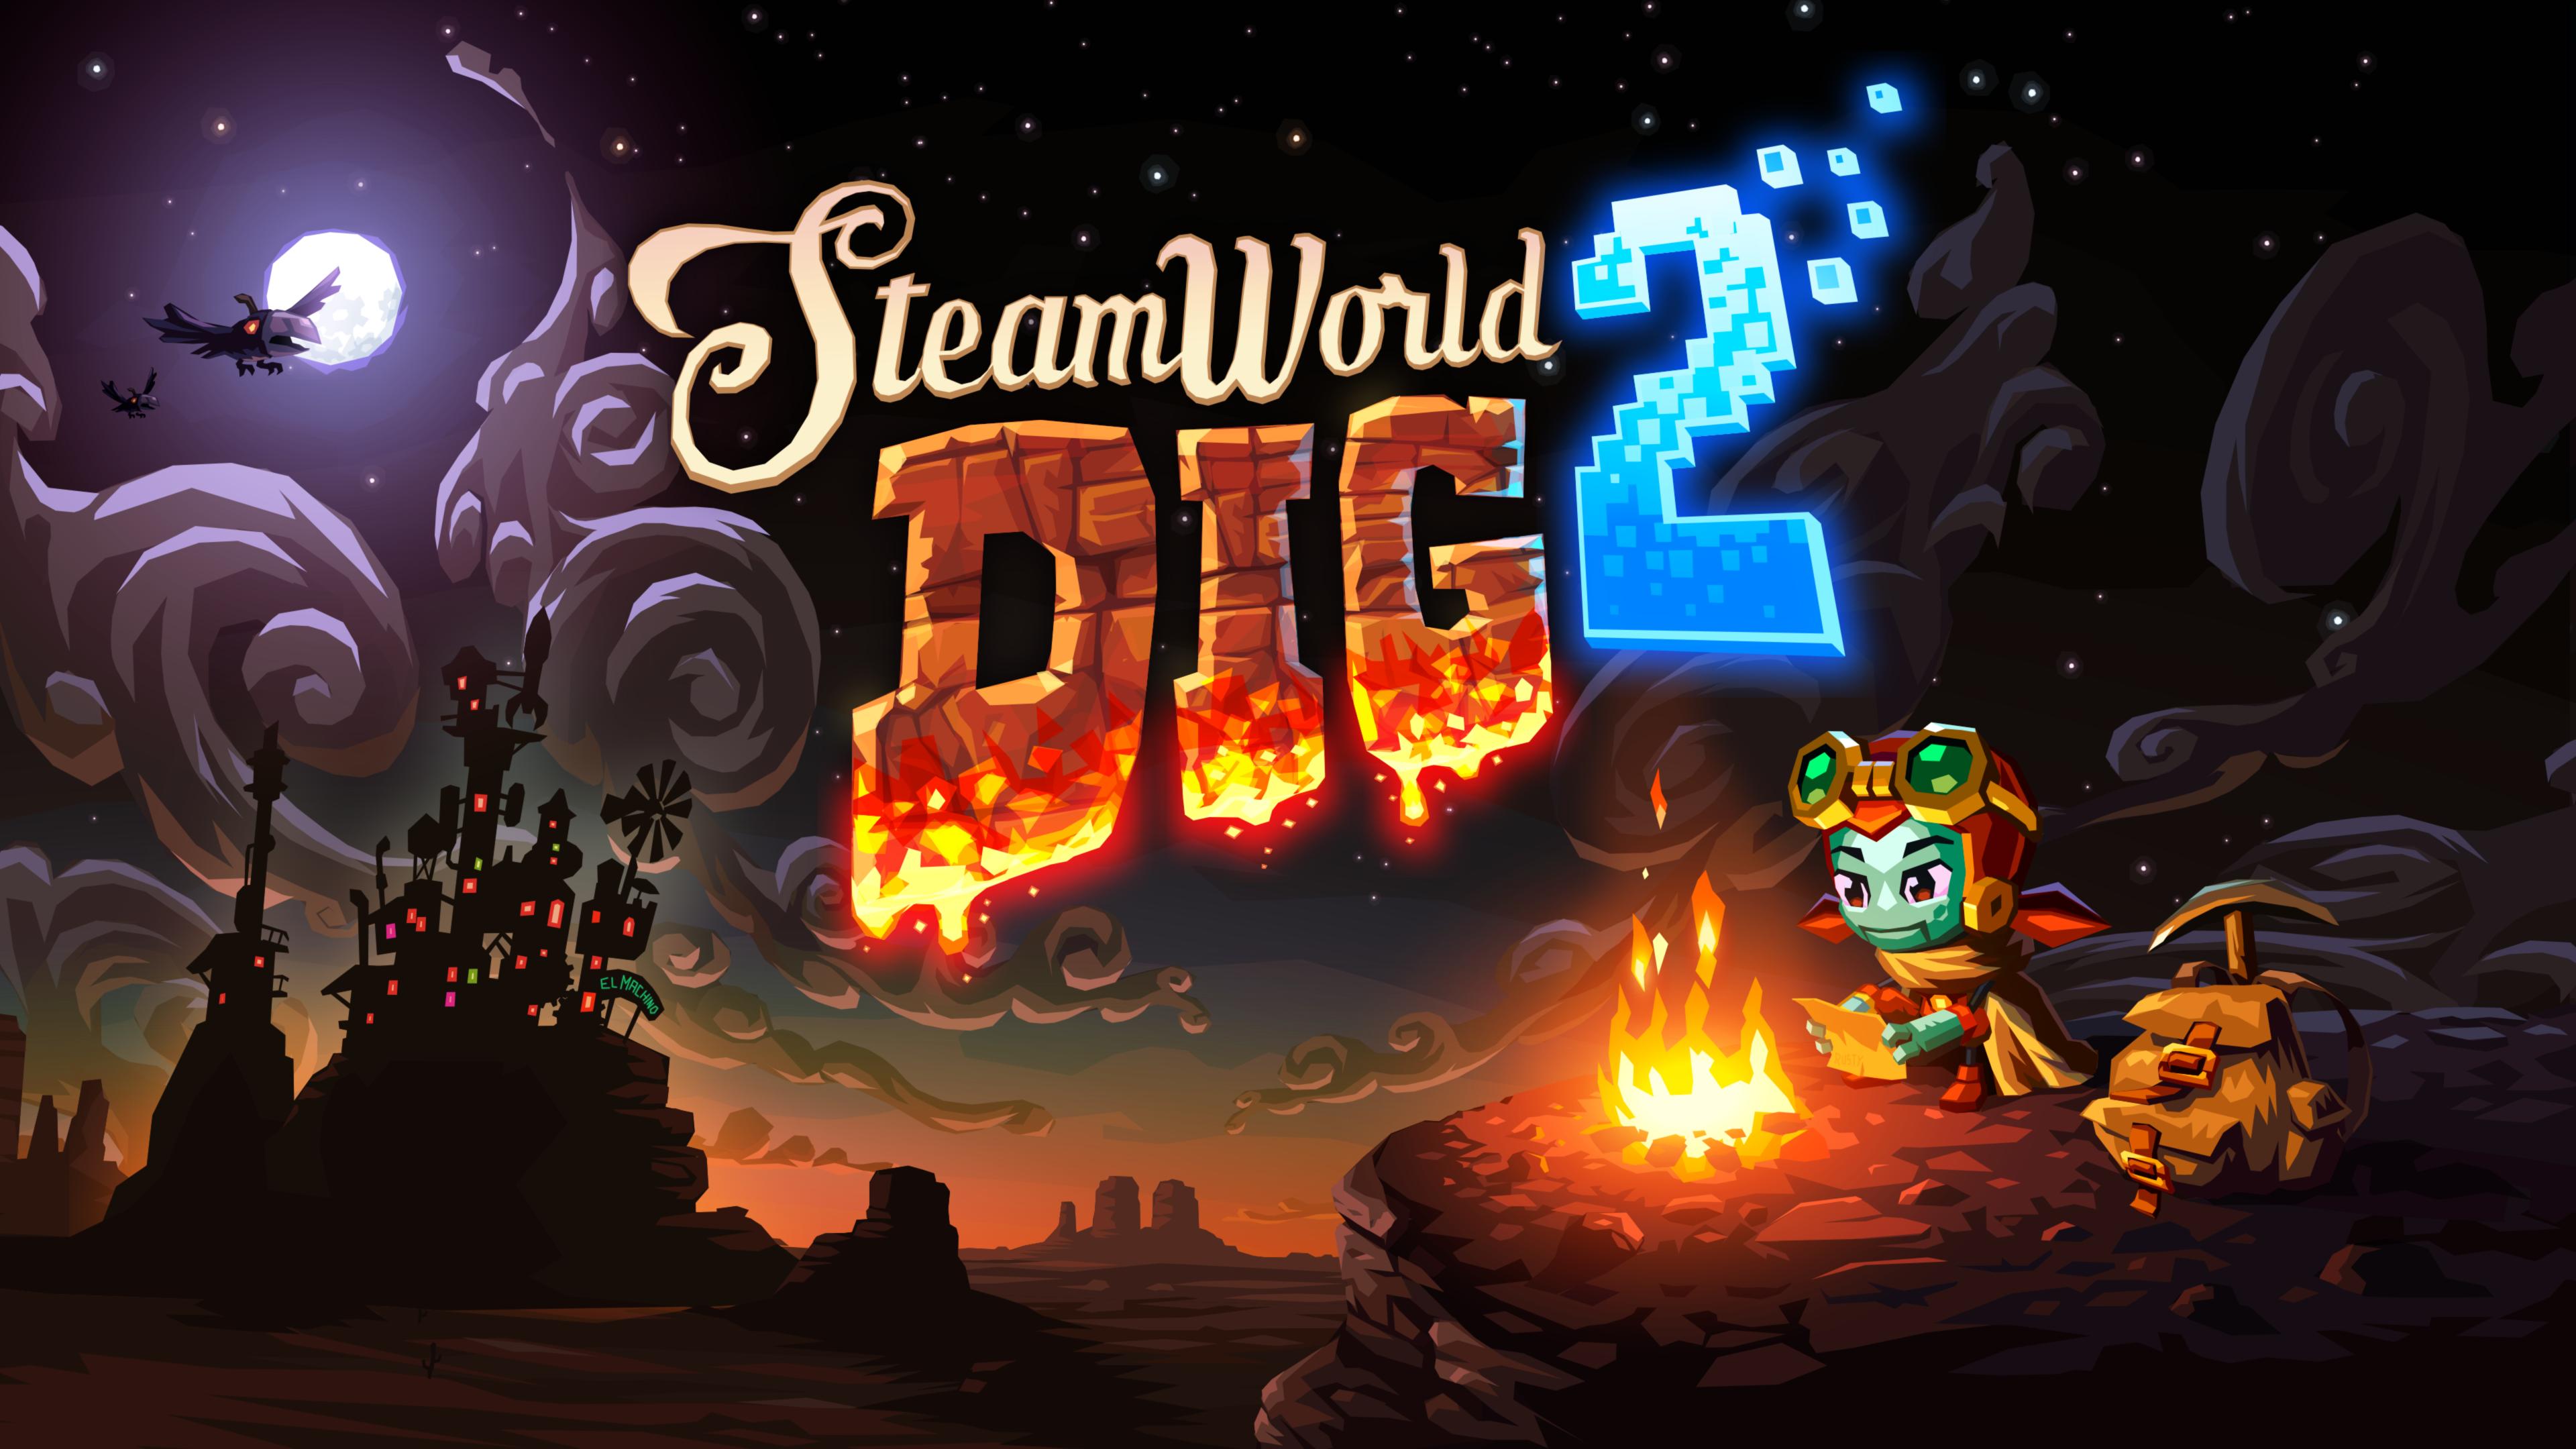 SteamWorld Dig 2 Wallpaper 4K